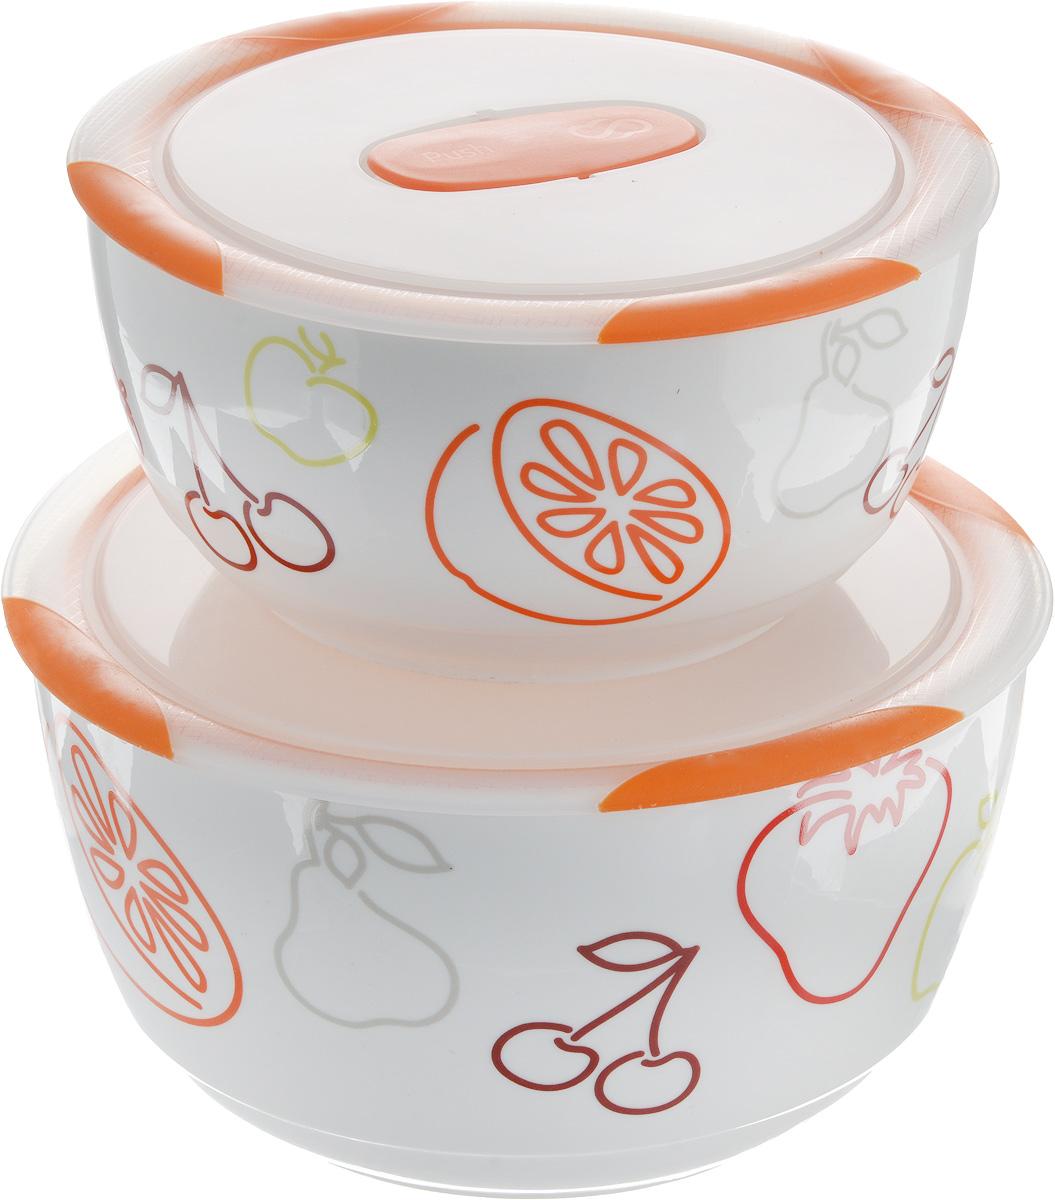 Набор мисок Oursson Bon Appetit, с крышками, цвет: оранжевый, белый, 2 штBS4781RC/ORНабор Oursson состоит из четырех мисок разного размера, выполненных из керамики и оформленных рисунком. Керамика, из которой изготовлены емкости, выдерживает температуру до 250°С, поэтому подать блюда на стол можно сразу после приготовления в микроволновой печи или духовом шкафу. Миски снабжены плотно закрывающимися пластиковыми крышками с технологией Clip Fresh. Такой набор прекрасно подходит для хранения продуктов и соусов без проливания, которые не прольются при переноске благодаря силиконовому уплотнителю, обеспечивающему 100% герметичность. Миски являются универсальным приобретением для любой кухни. С их помощью можно готовить блюда, хранить продукты и даже сервировать стол. Оригинальный дизайн, высокое качество и функциональность набора Oursson позволят ему стать достойным дополнением к вашему кухонному инвентарю. Можно мыть в посудомоечной машине. Характеристика емкости №1: Объем: 3 л. Высота стенки: 11,3 см. Диаметр (по...